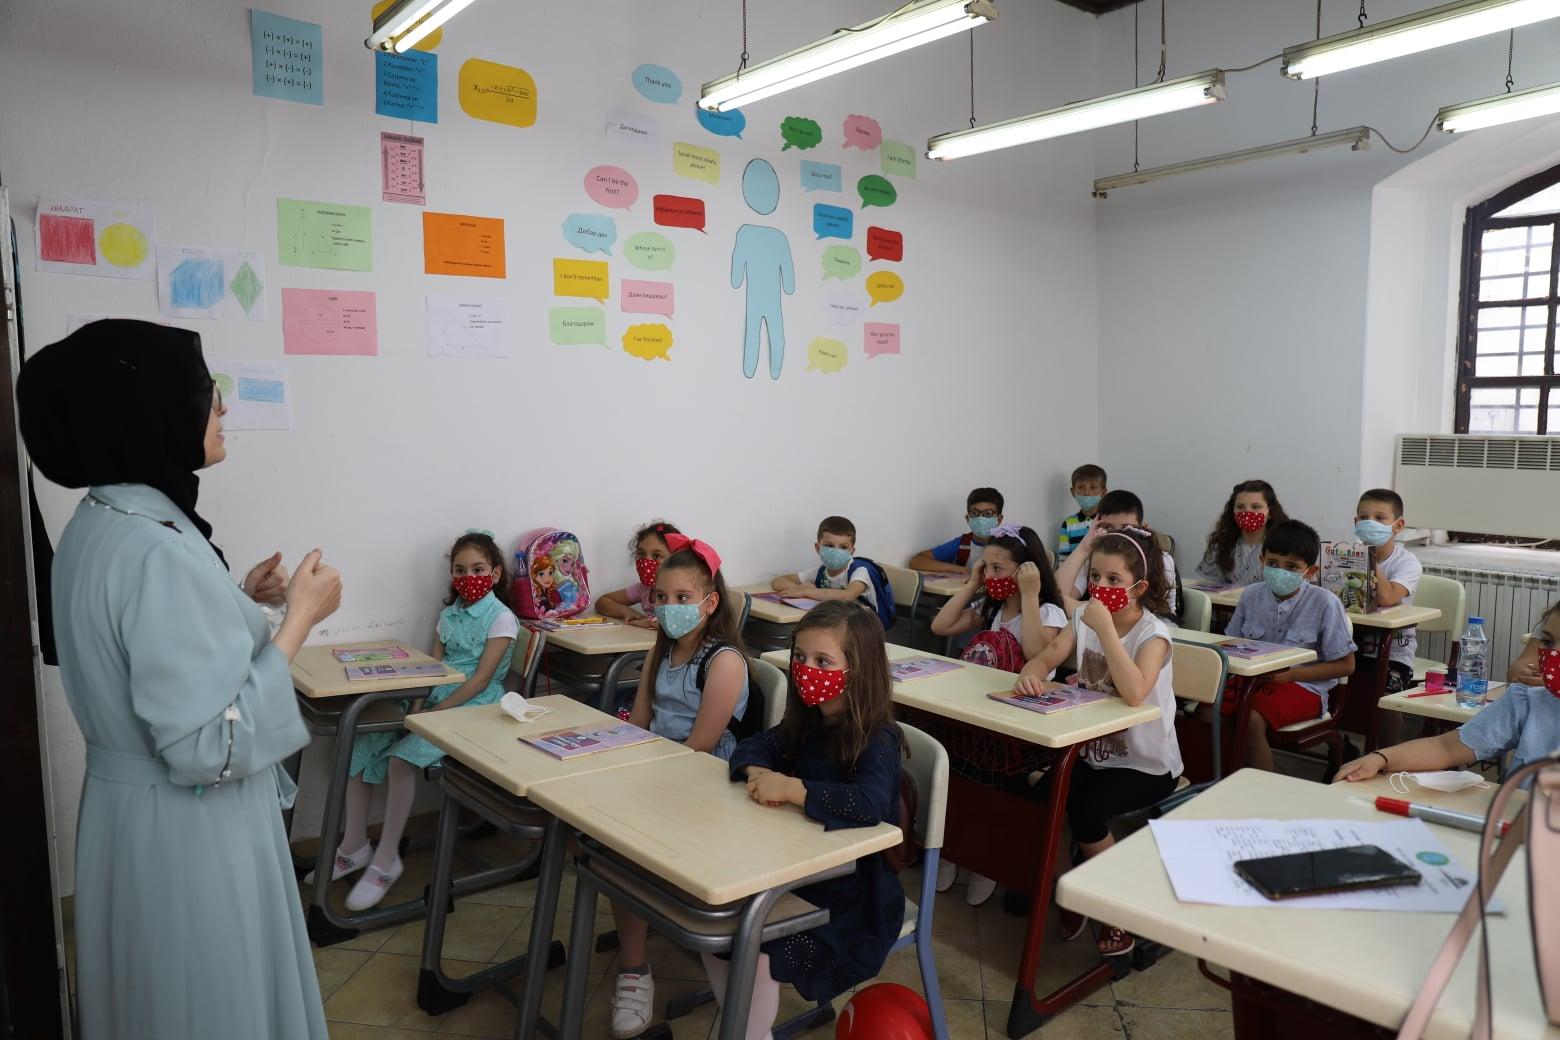 Üsküp'te Yaz Okulu kurslarının açılışı düzenlendi